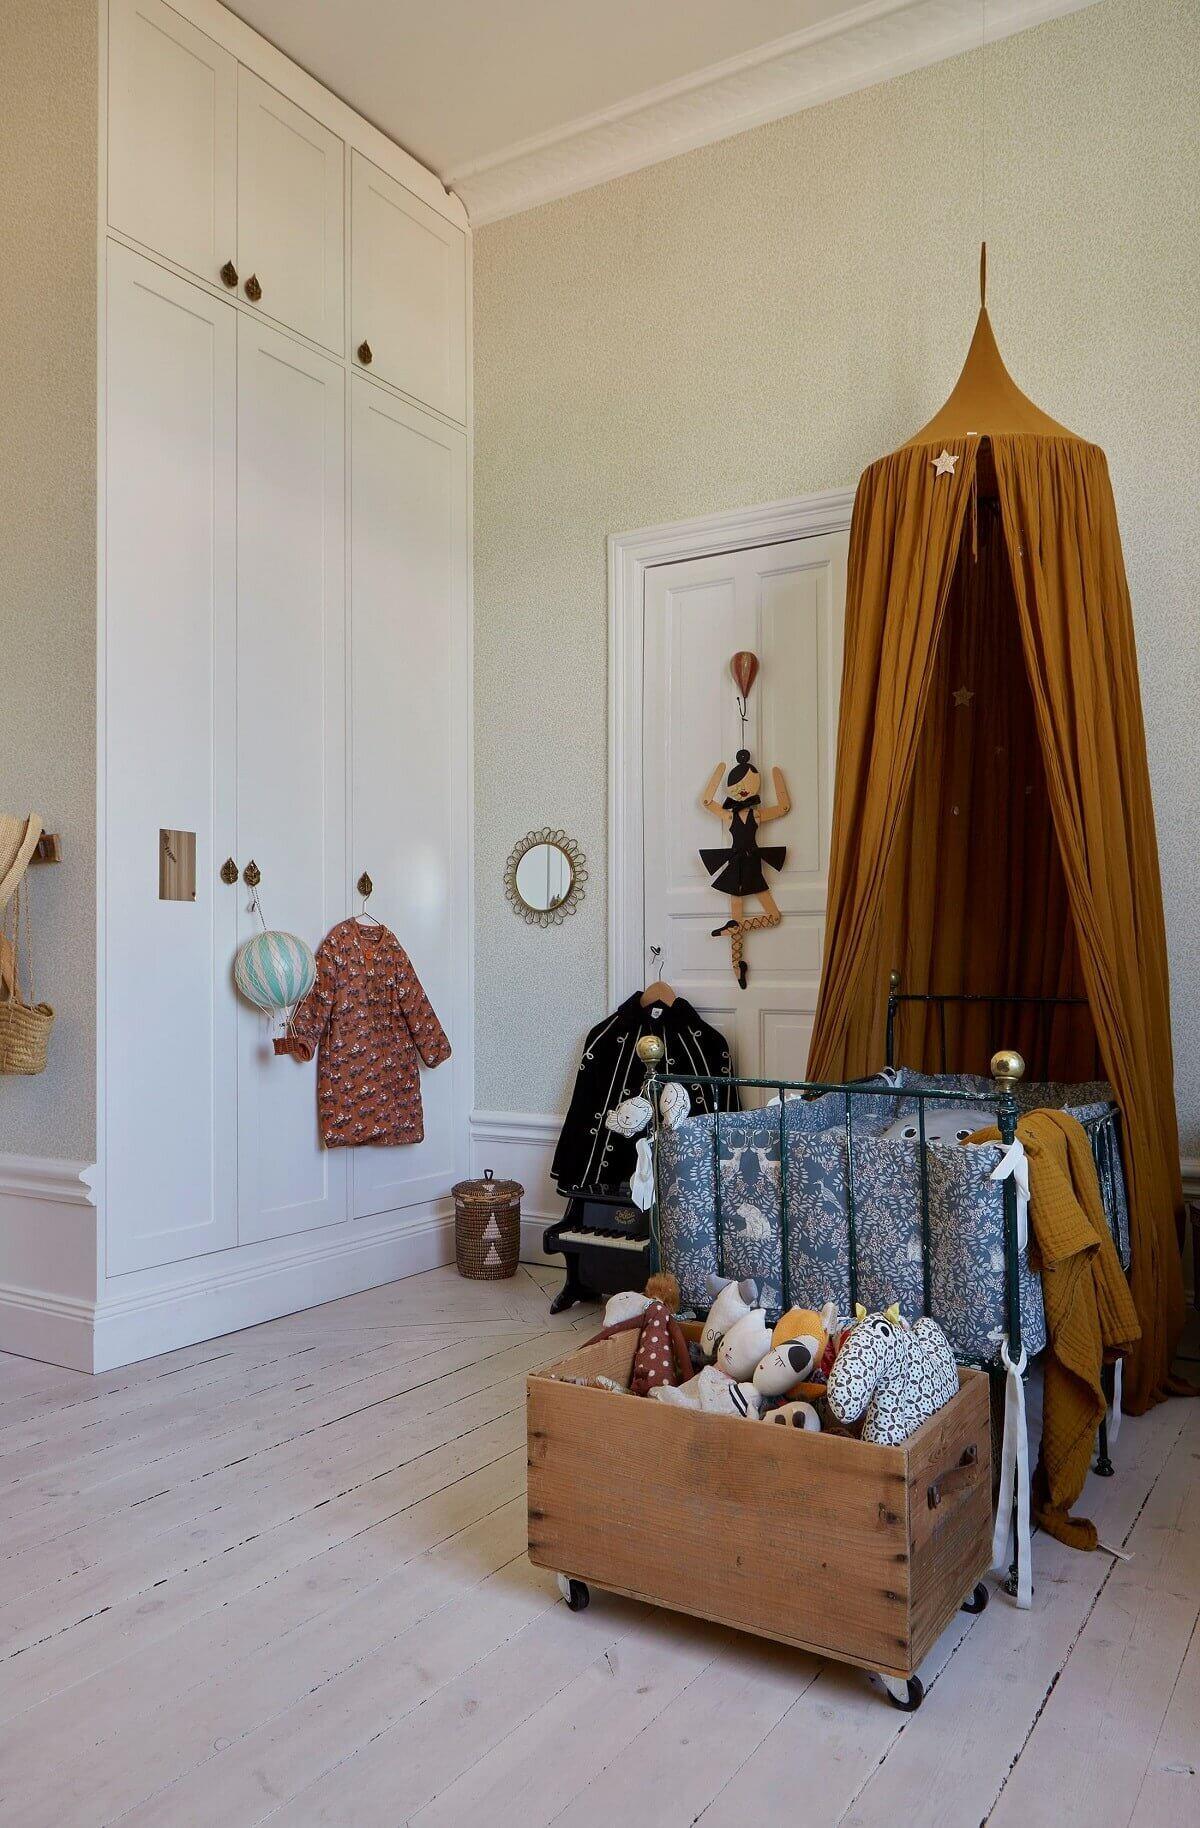 shared-children-bedroom-scandinavian-apartment-nordroom